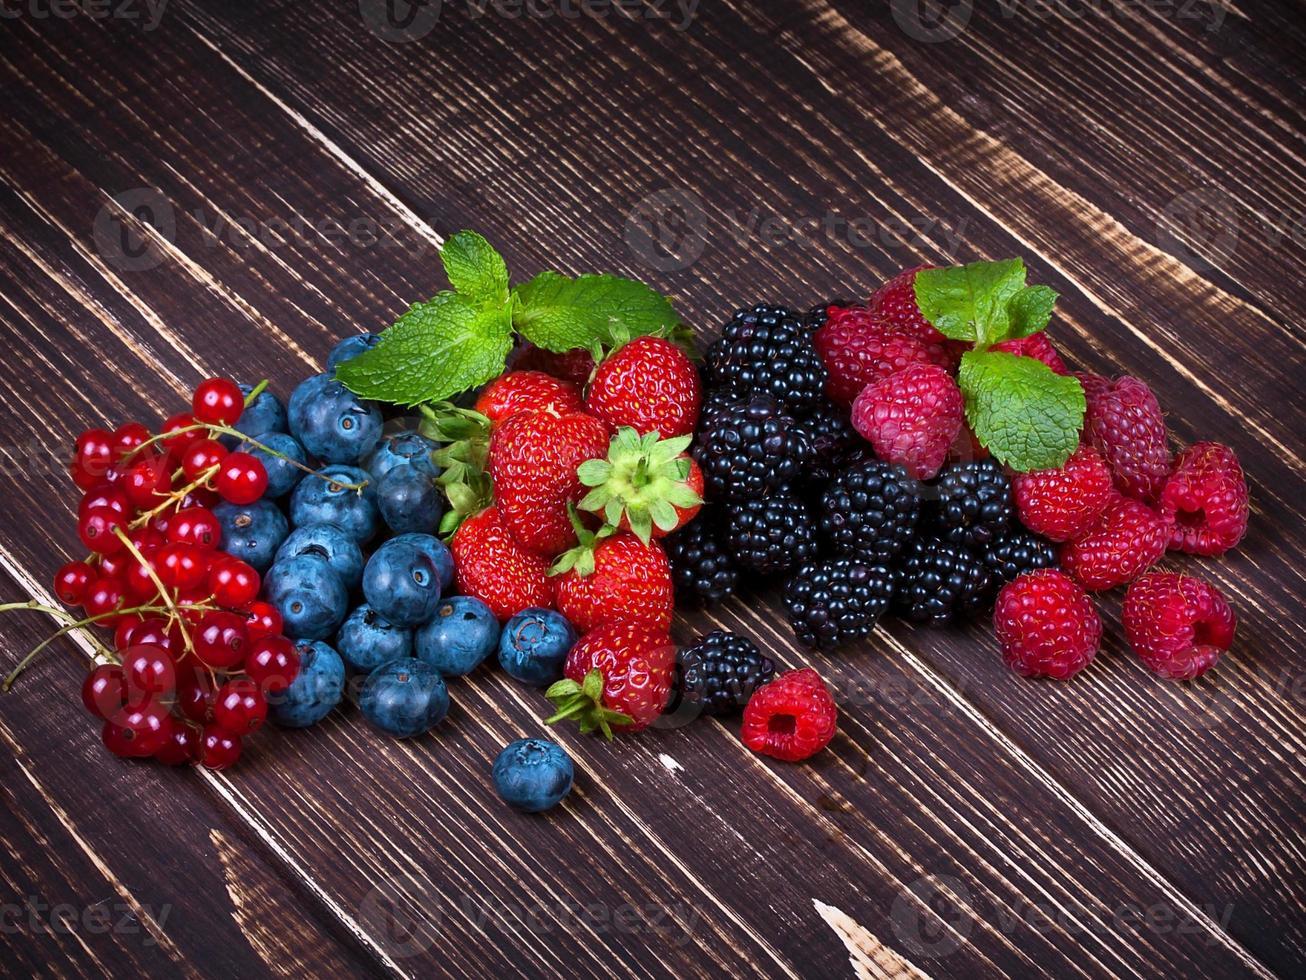 Erdbeeren, Blaubeeren, Brombeeren, Himbeeren und Johannisbeeren foto